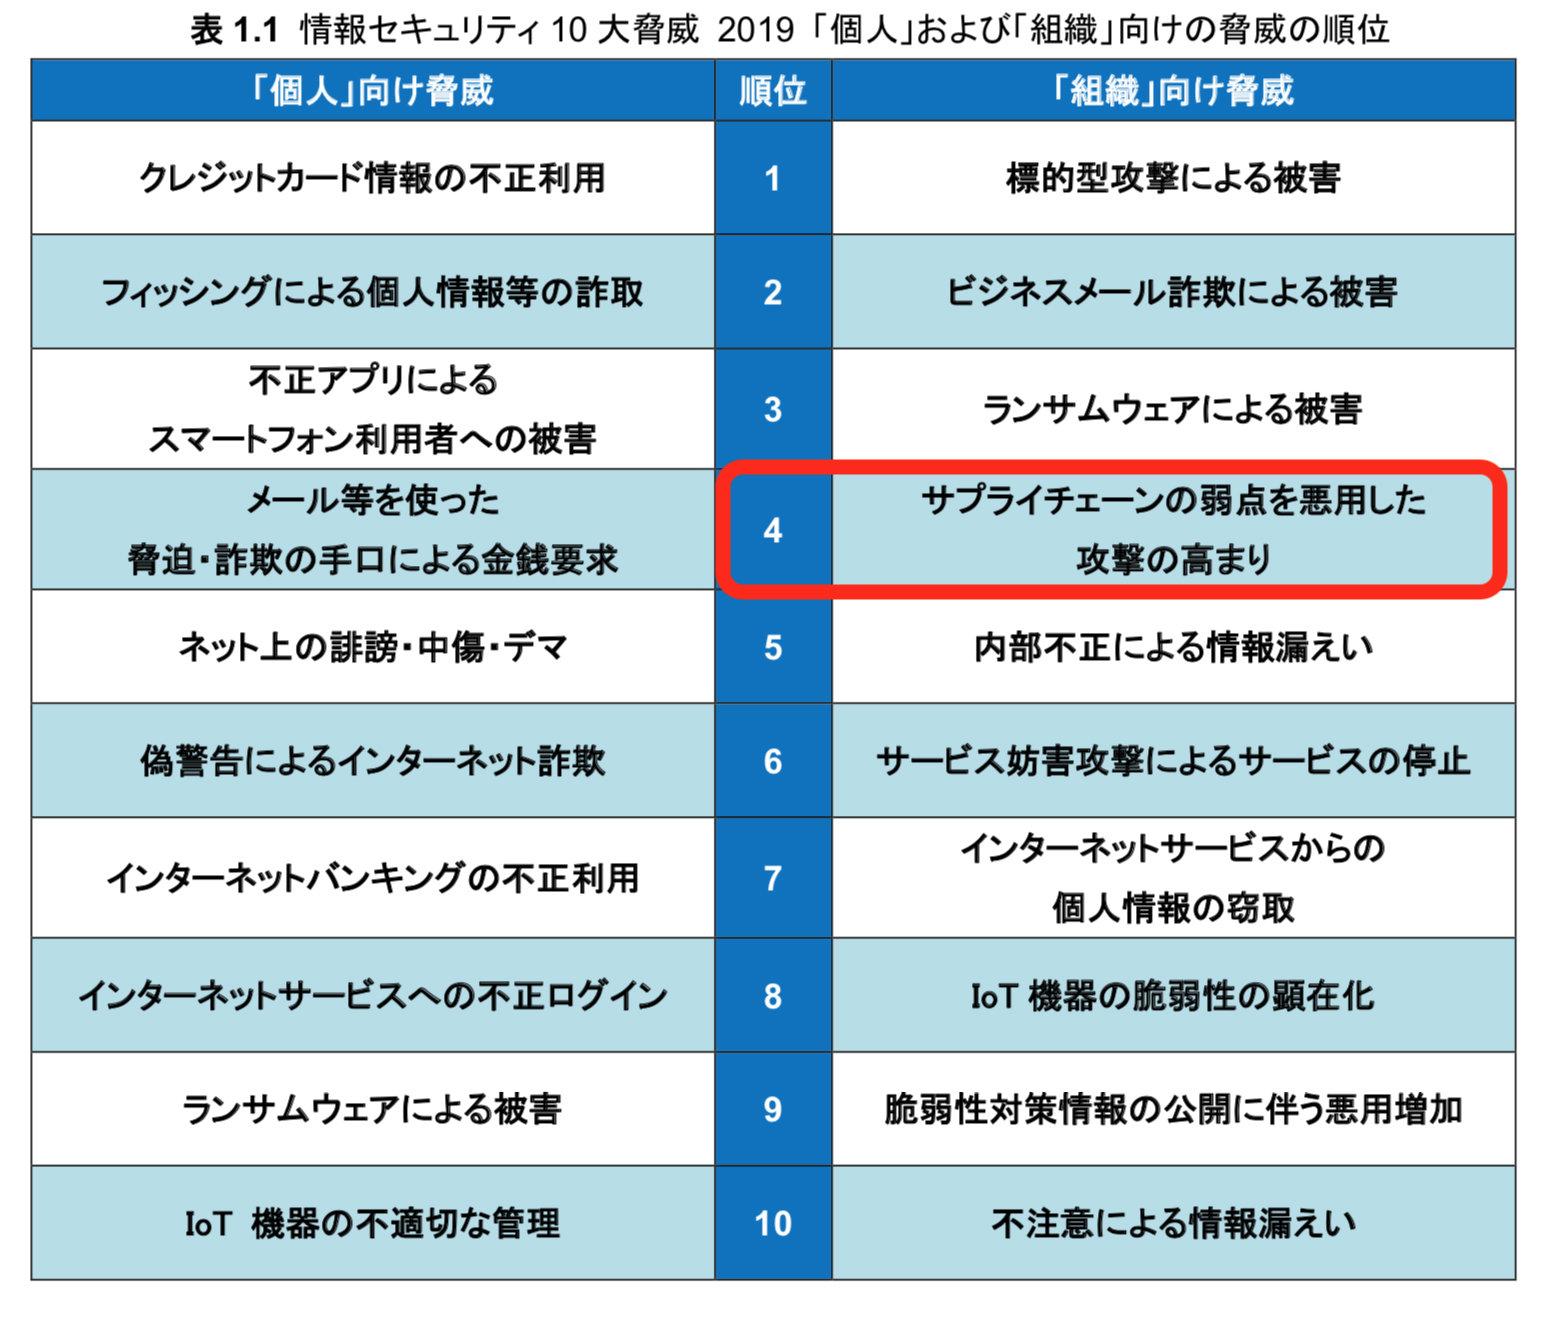 宮田健の「セキュリティの道も一歩から」(35):製造業も狙われる「サプライチェーン攻撃」はどう対策すべき? (2/2)